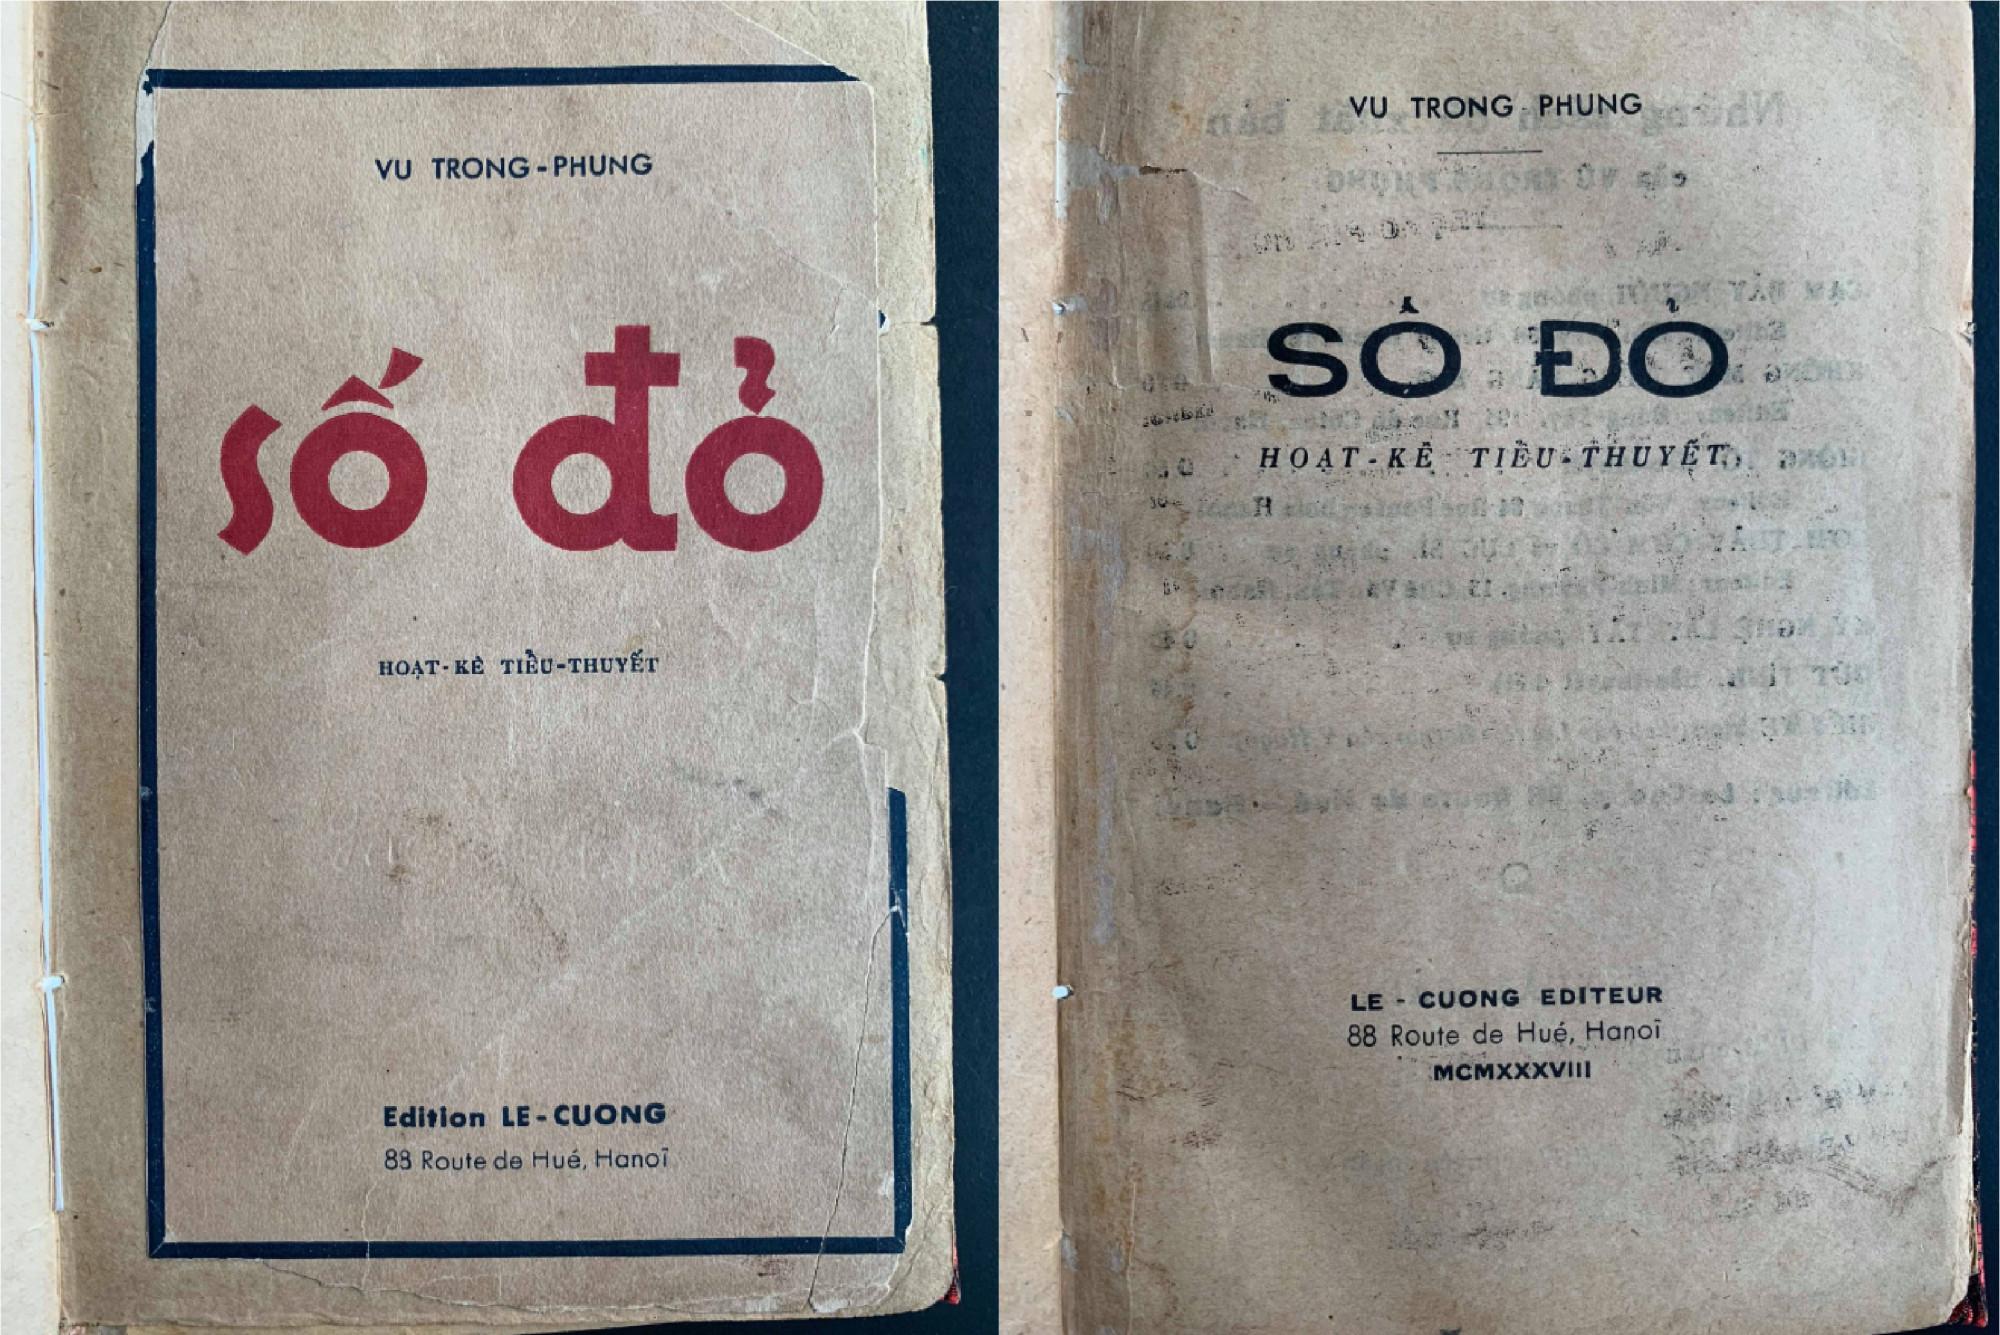 Tiểu thuyết Số đỏ lần đầu in thành sách năm 1938